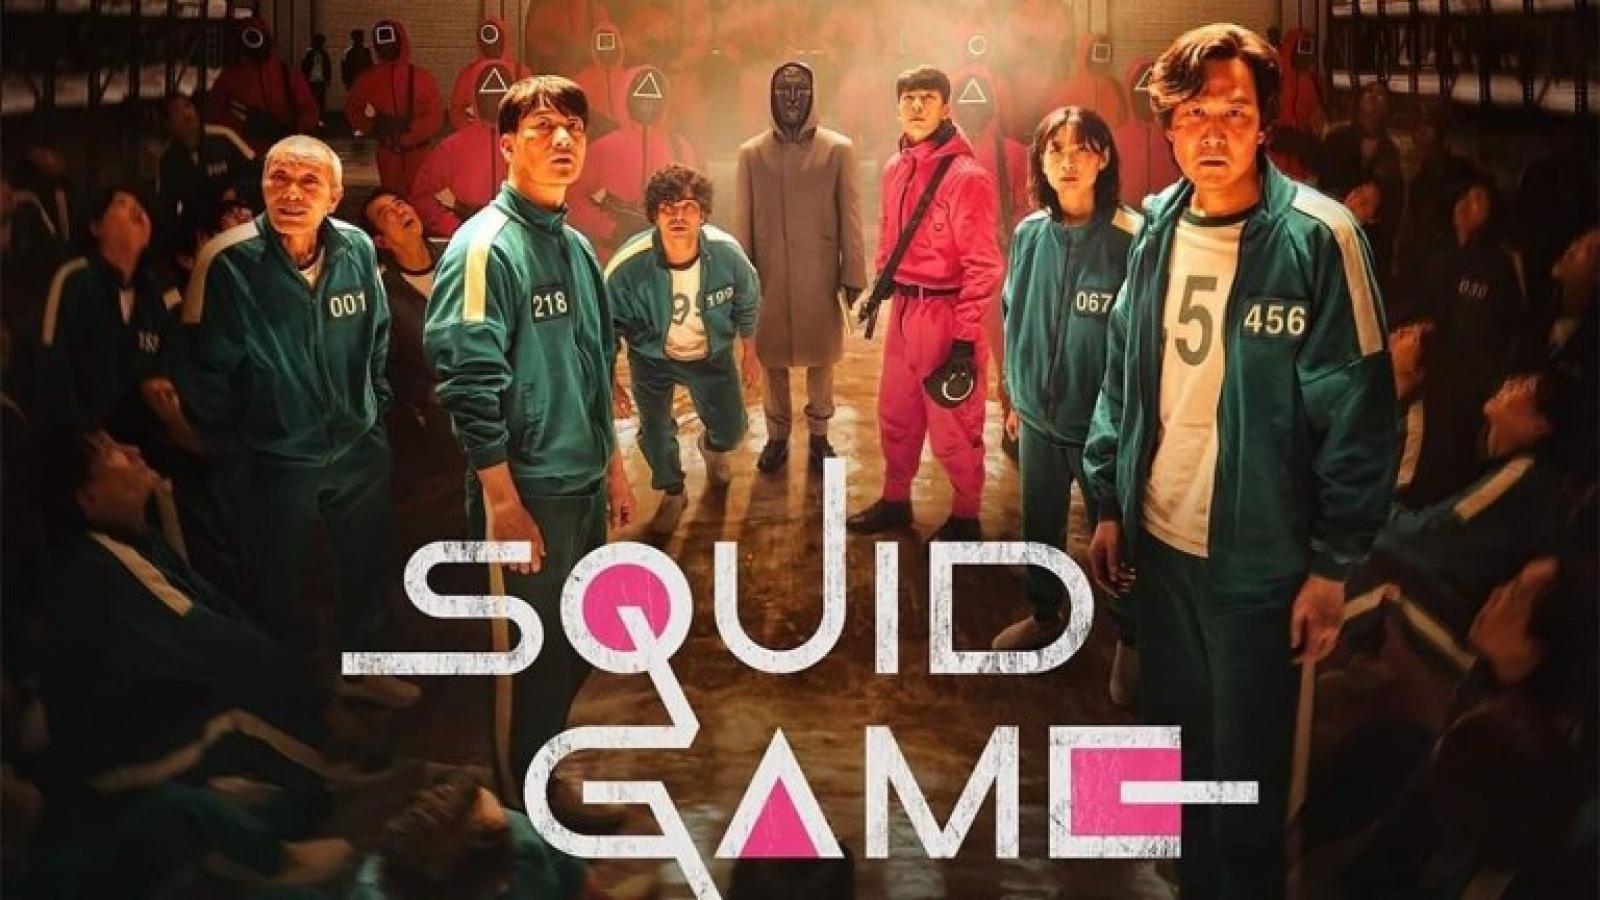 """Cơn sốt """"Squid game"""" chưa có dấu hiệu hạ nhiệt, vượt qua """"Lupin"""" và """"Money Heist"""""""